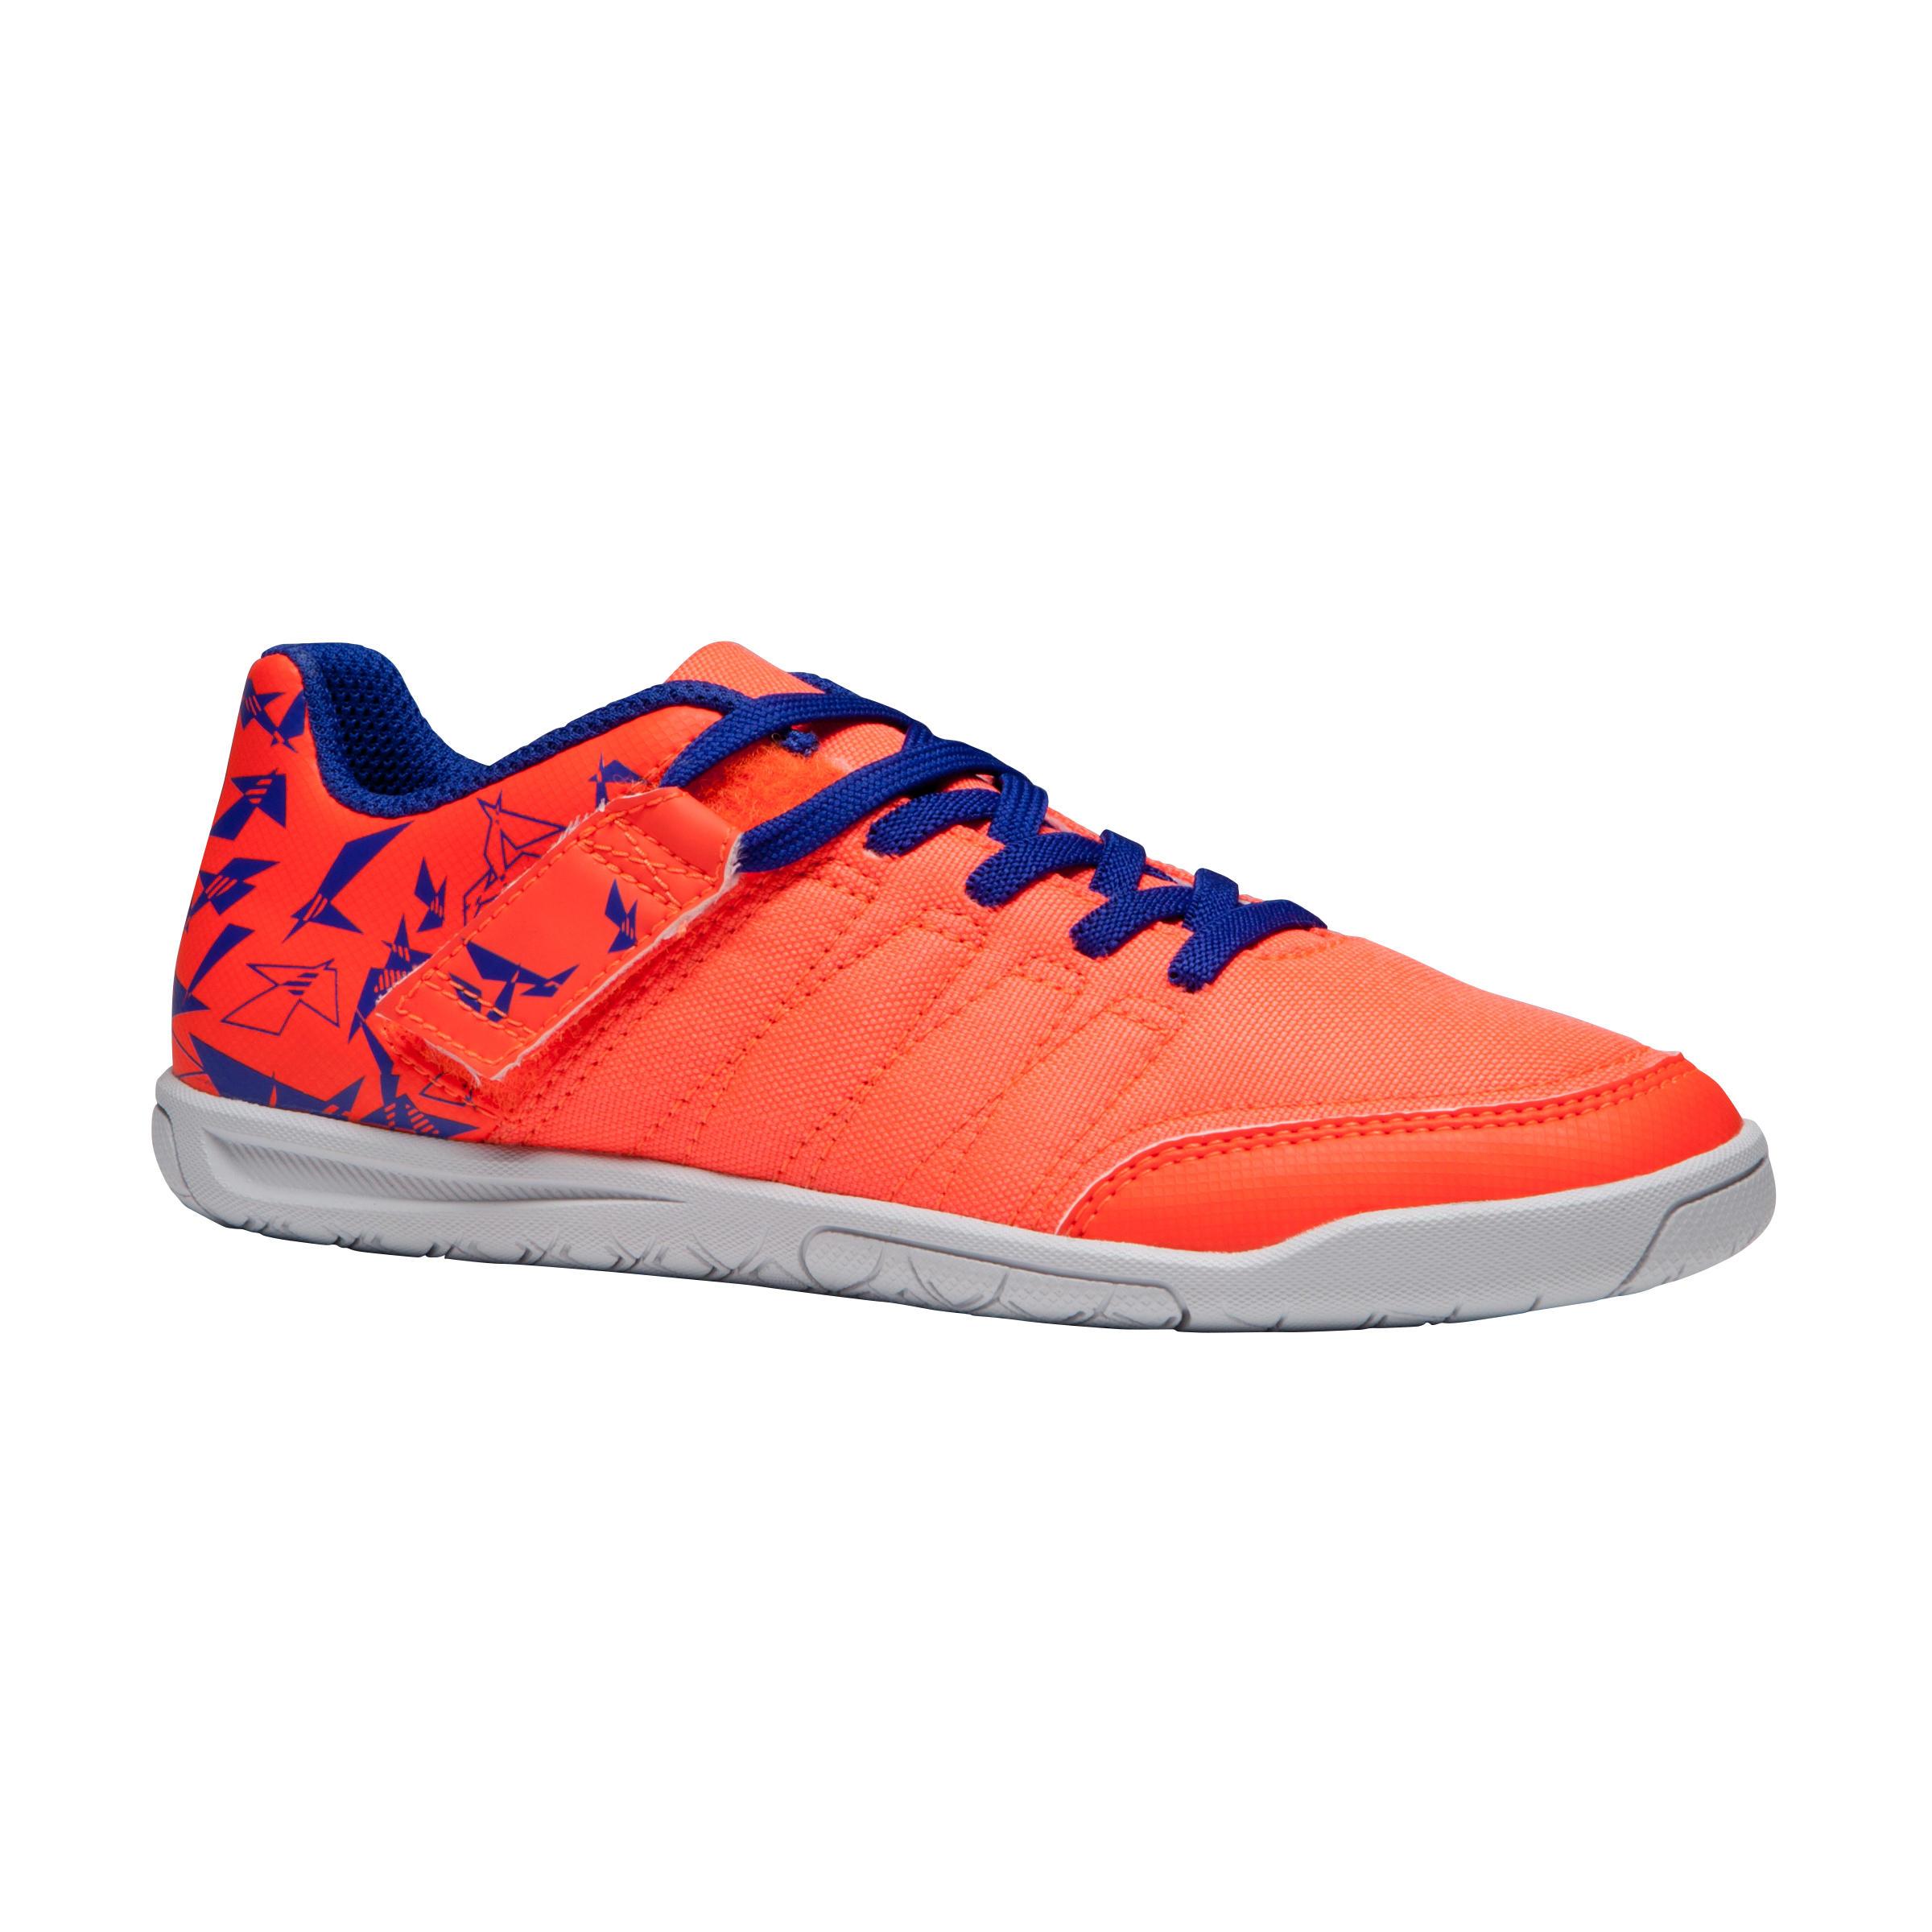 Chaussure de futsal enfant CLR 500 sala orange bleue